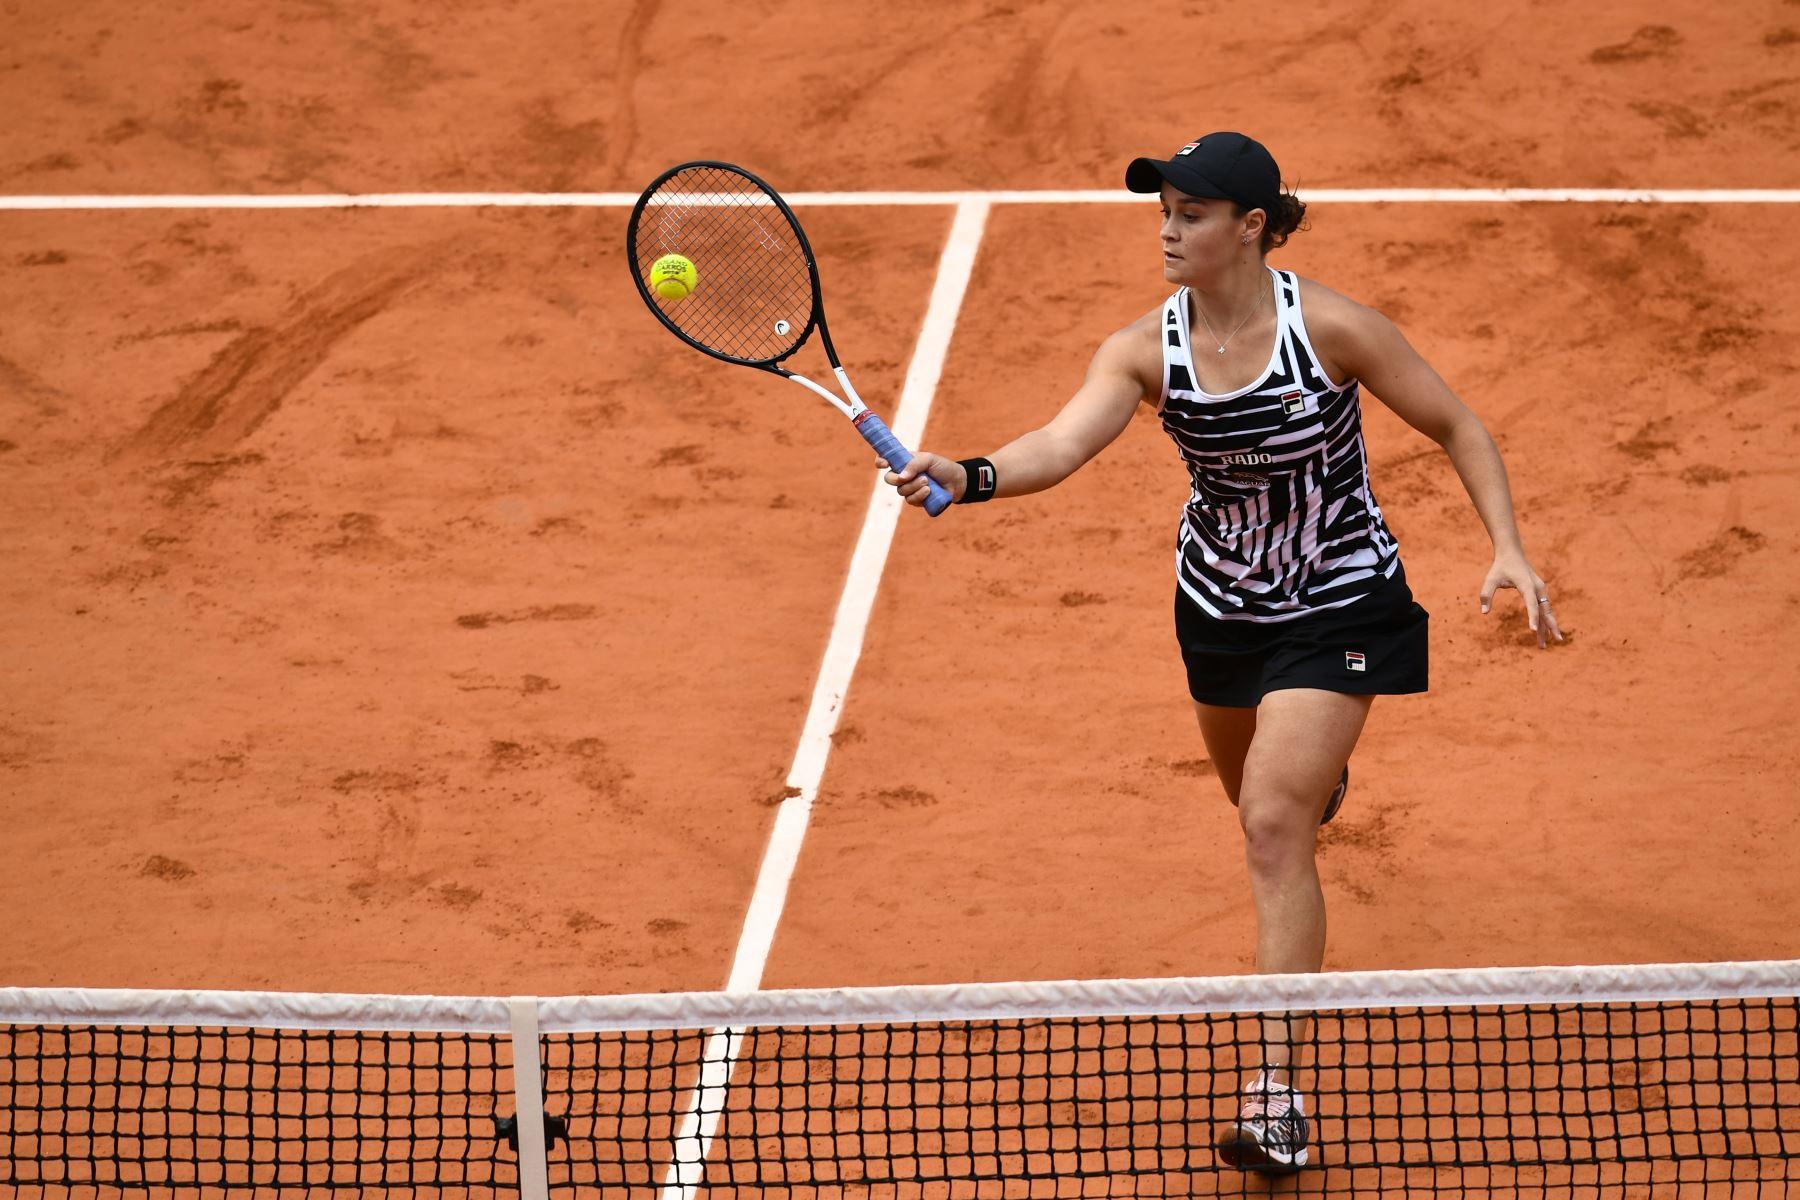 La australiana Ashleigh Barty devuelve el balón a Marketa Vondrousova de la República Checa durante su último partido de individuales femenino el día catorce del torneo de tenis Roland Garros 2019. Foto:AFP